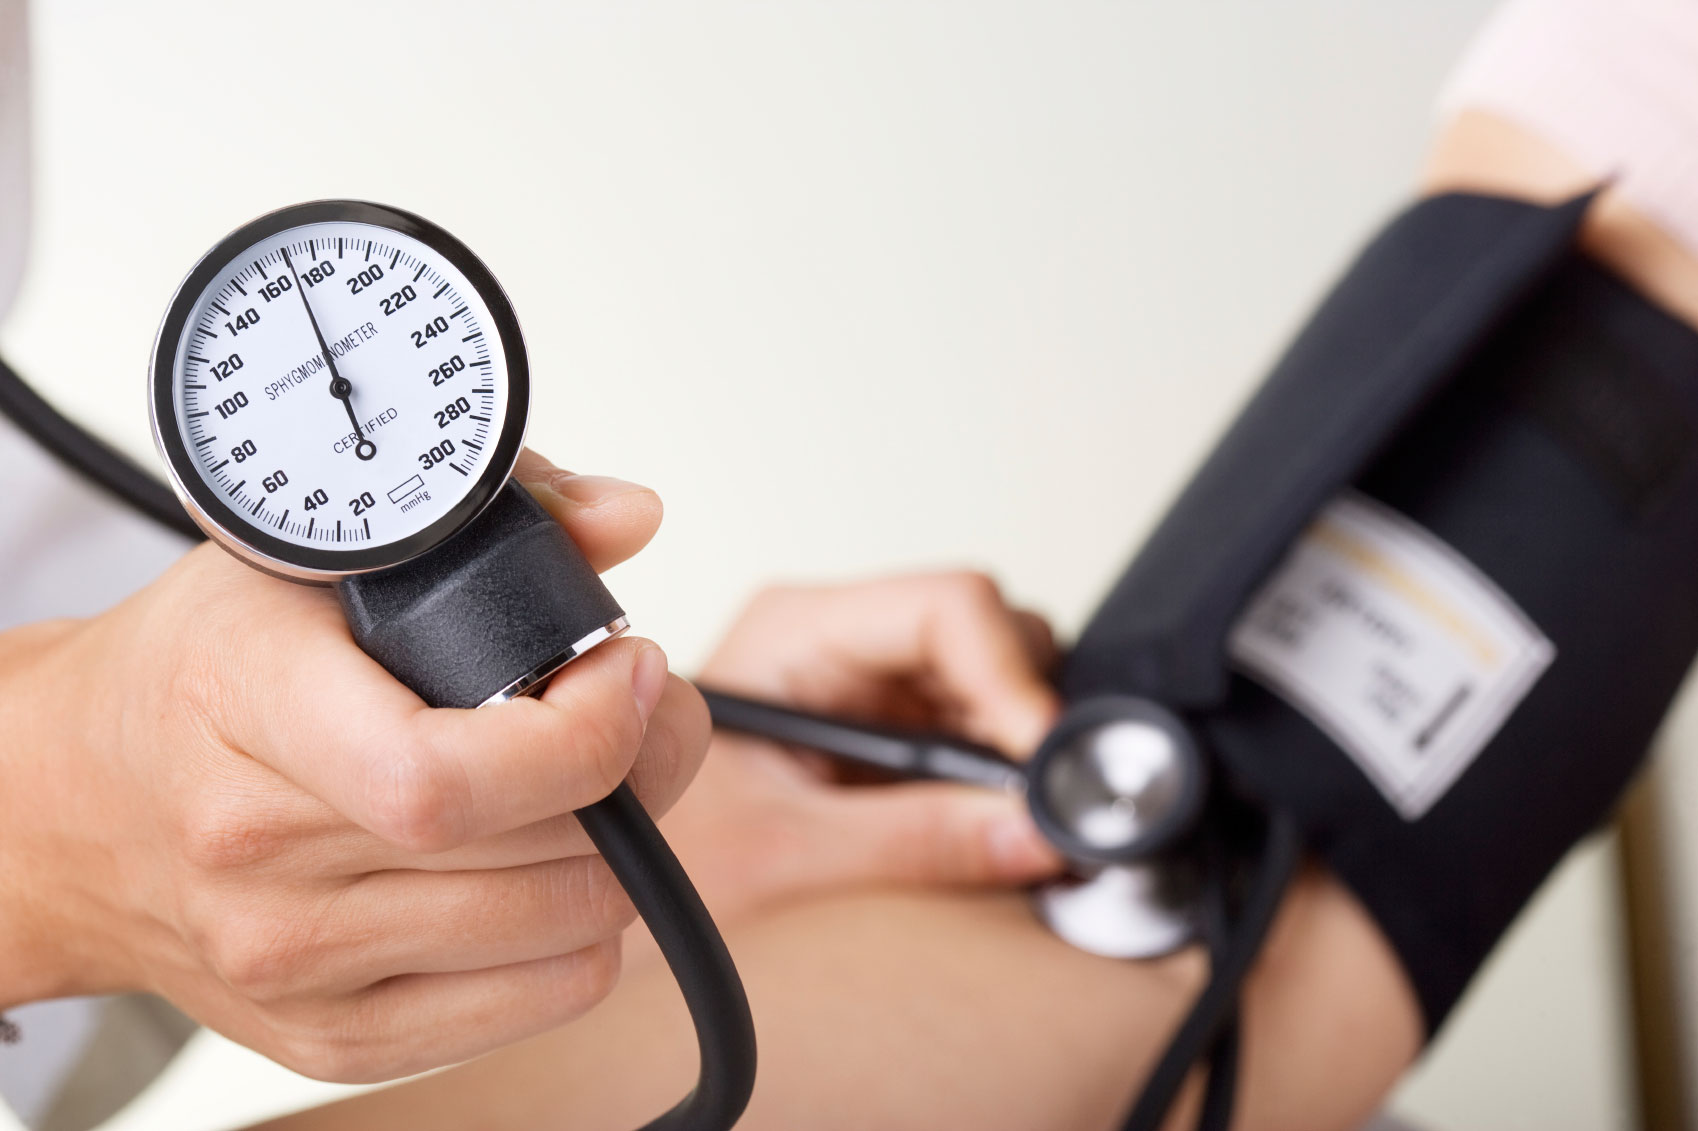 افزایش مبتلایان به پرفشاری خون، چالش جدی در برابر سلامت جهانی